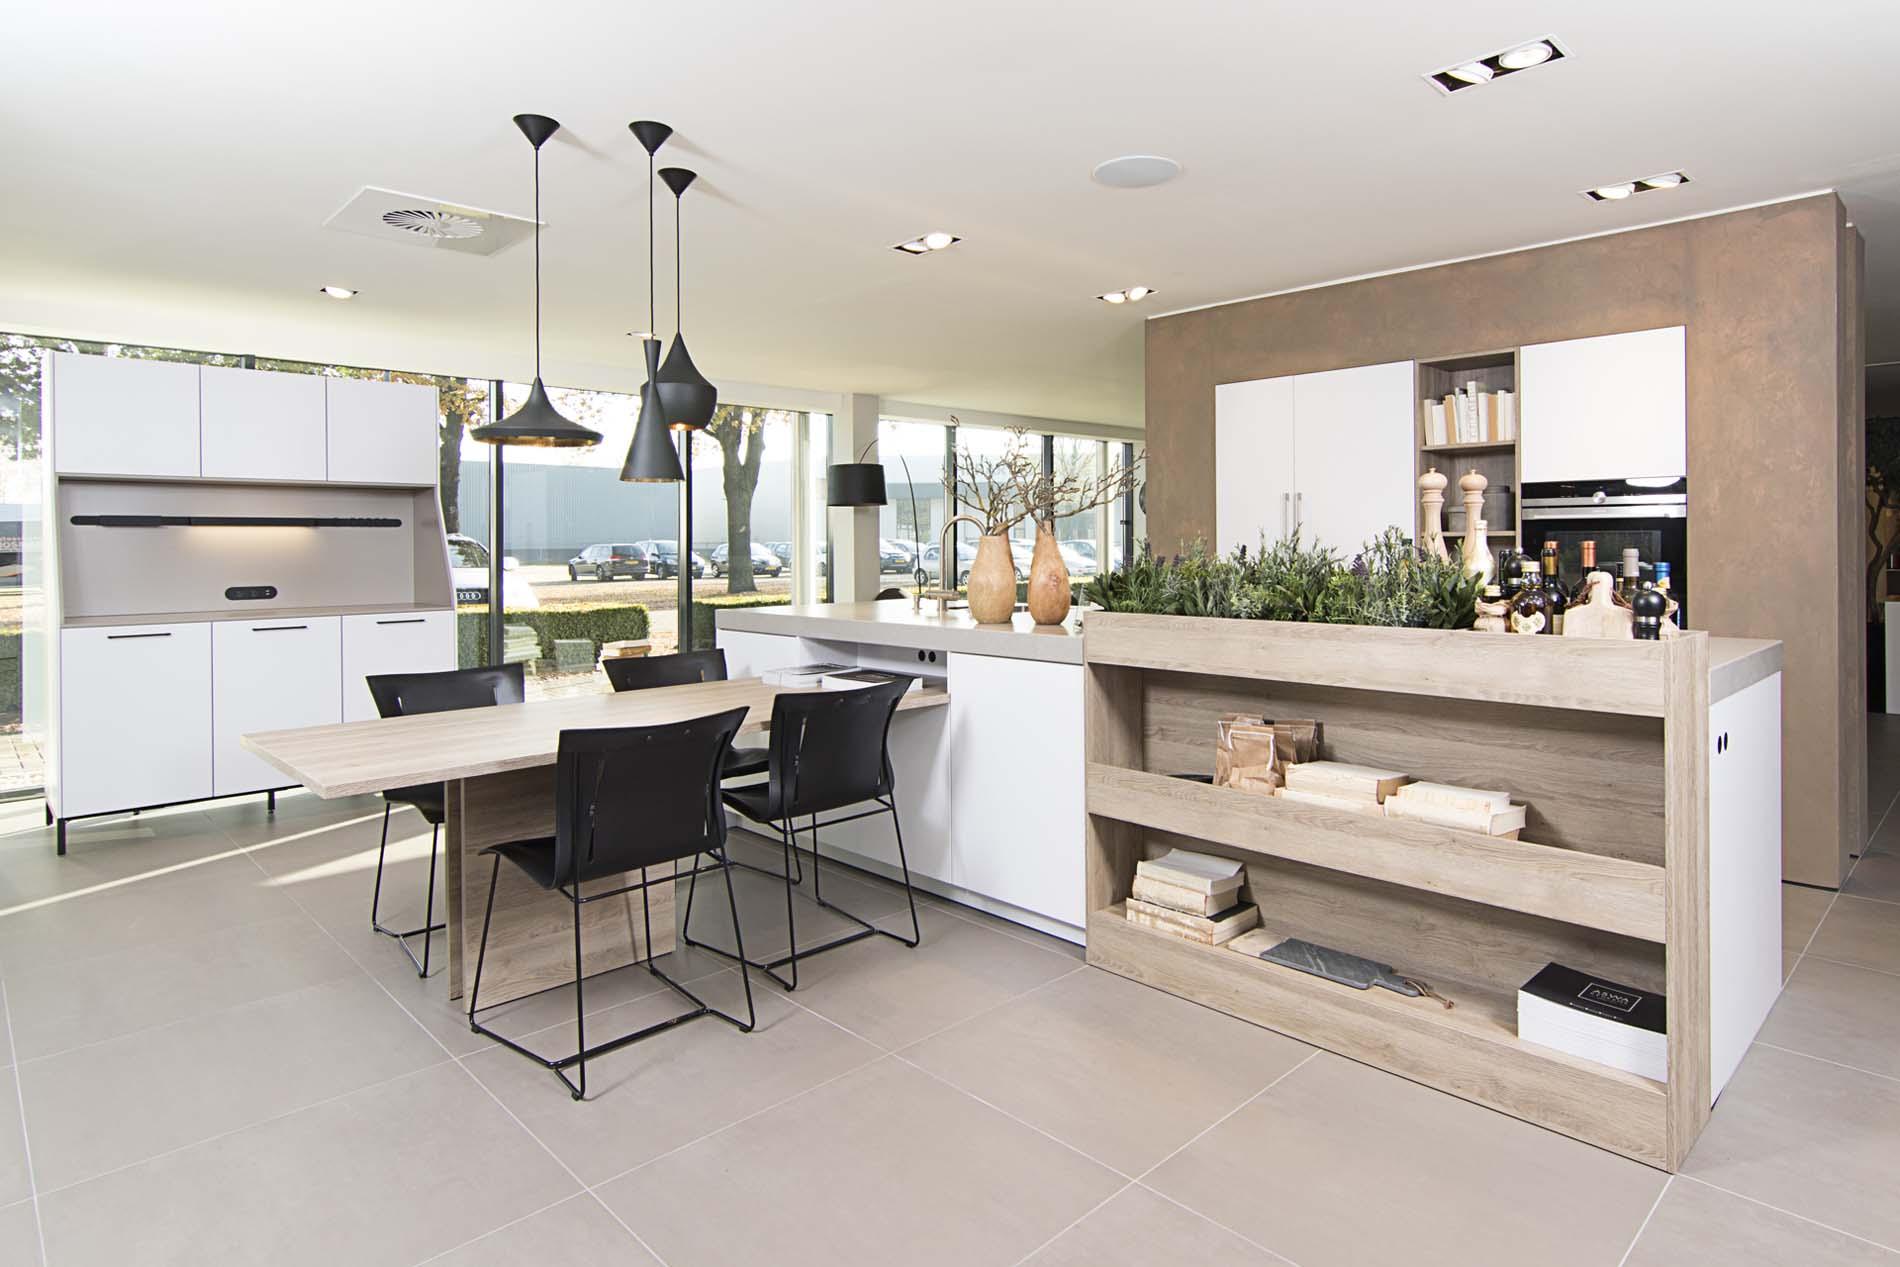 Keuken Laten Plaatsen : Keuken plaatsen tips excellent ikea keuken monteren tips in fresh